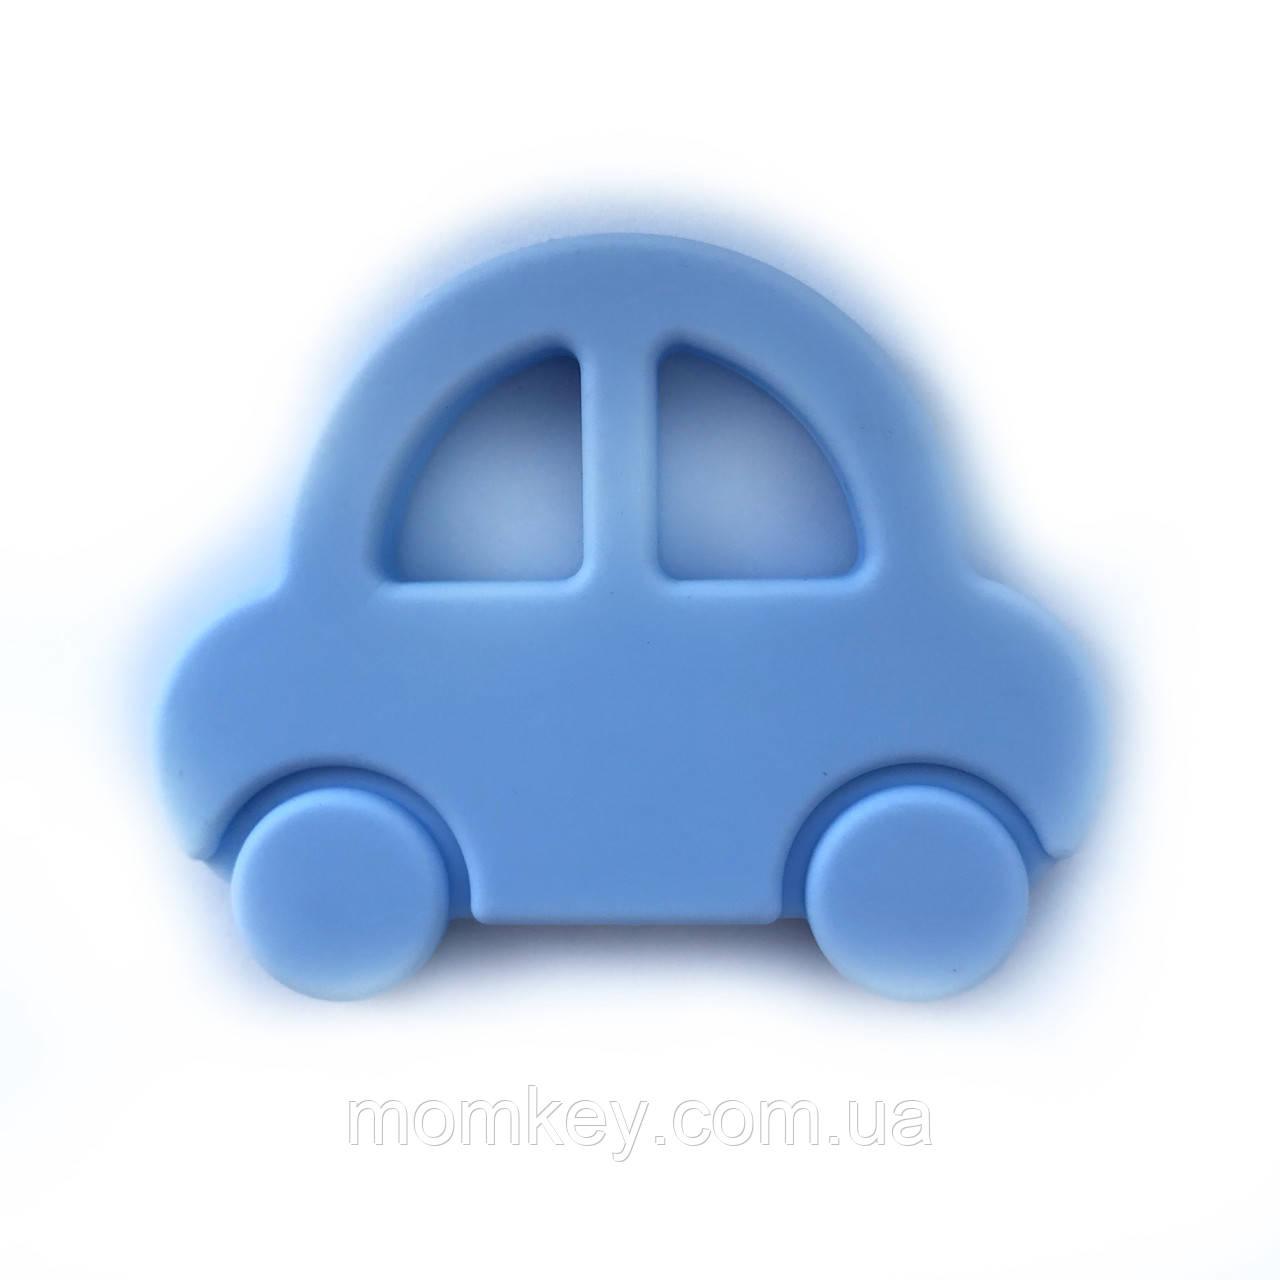 Машинка 2 (пастельно-голубая)